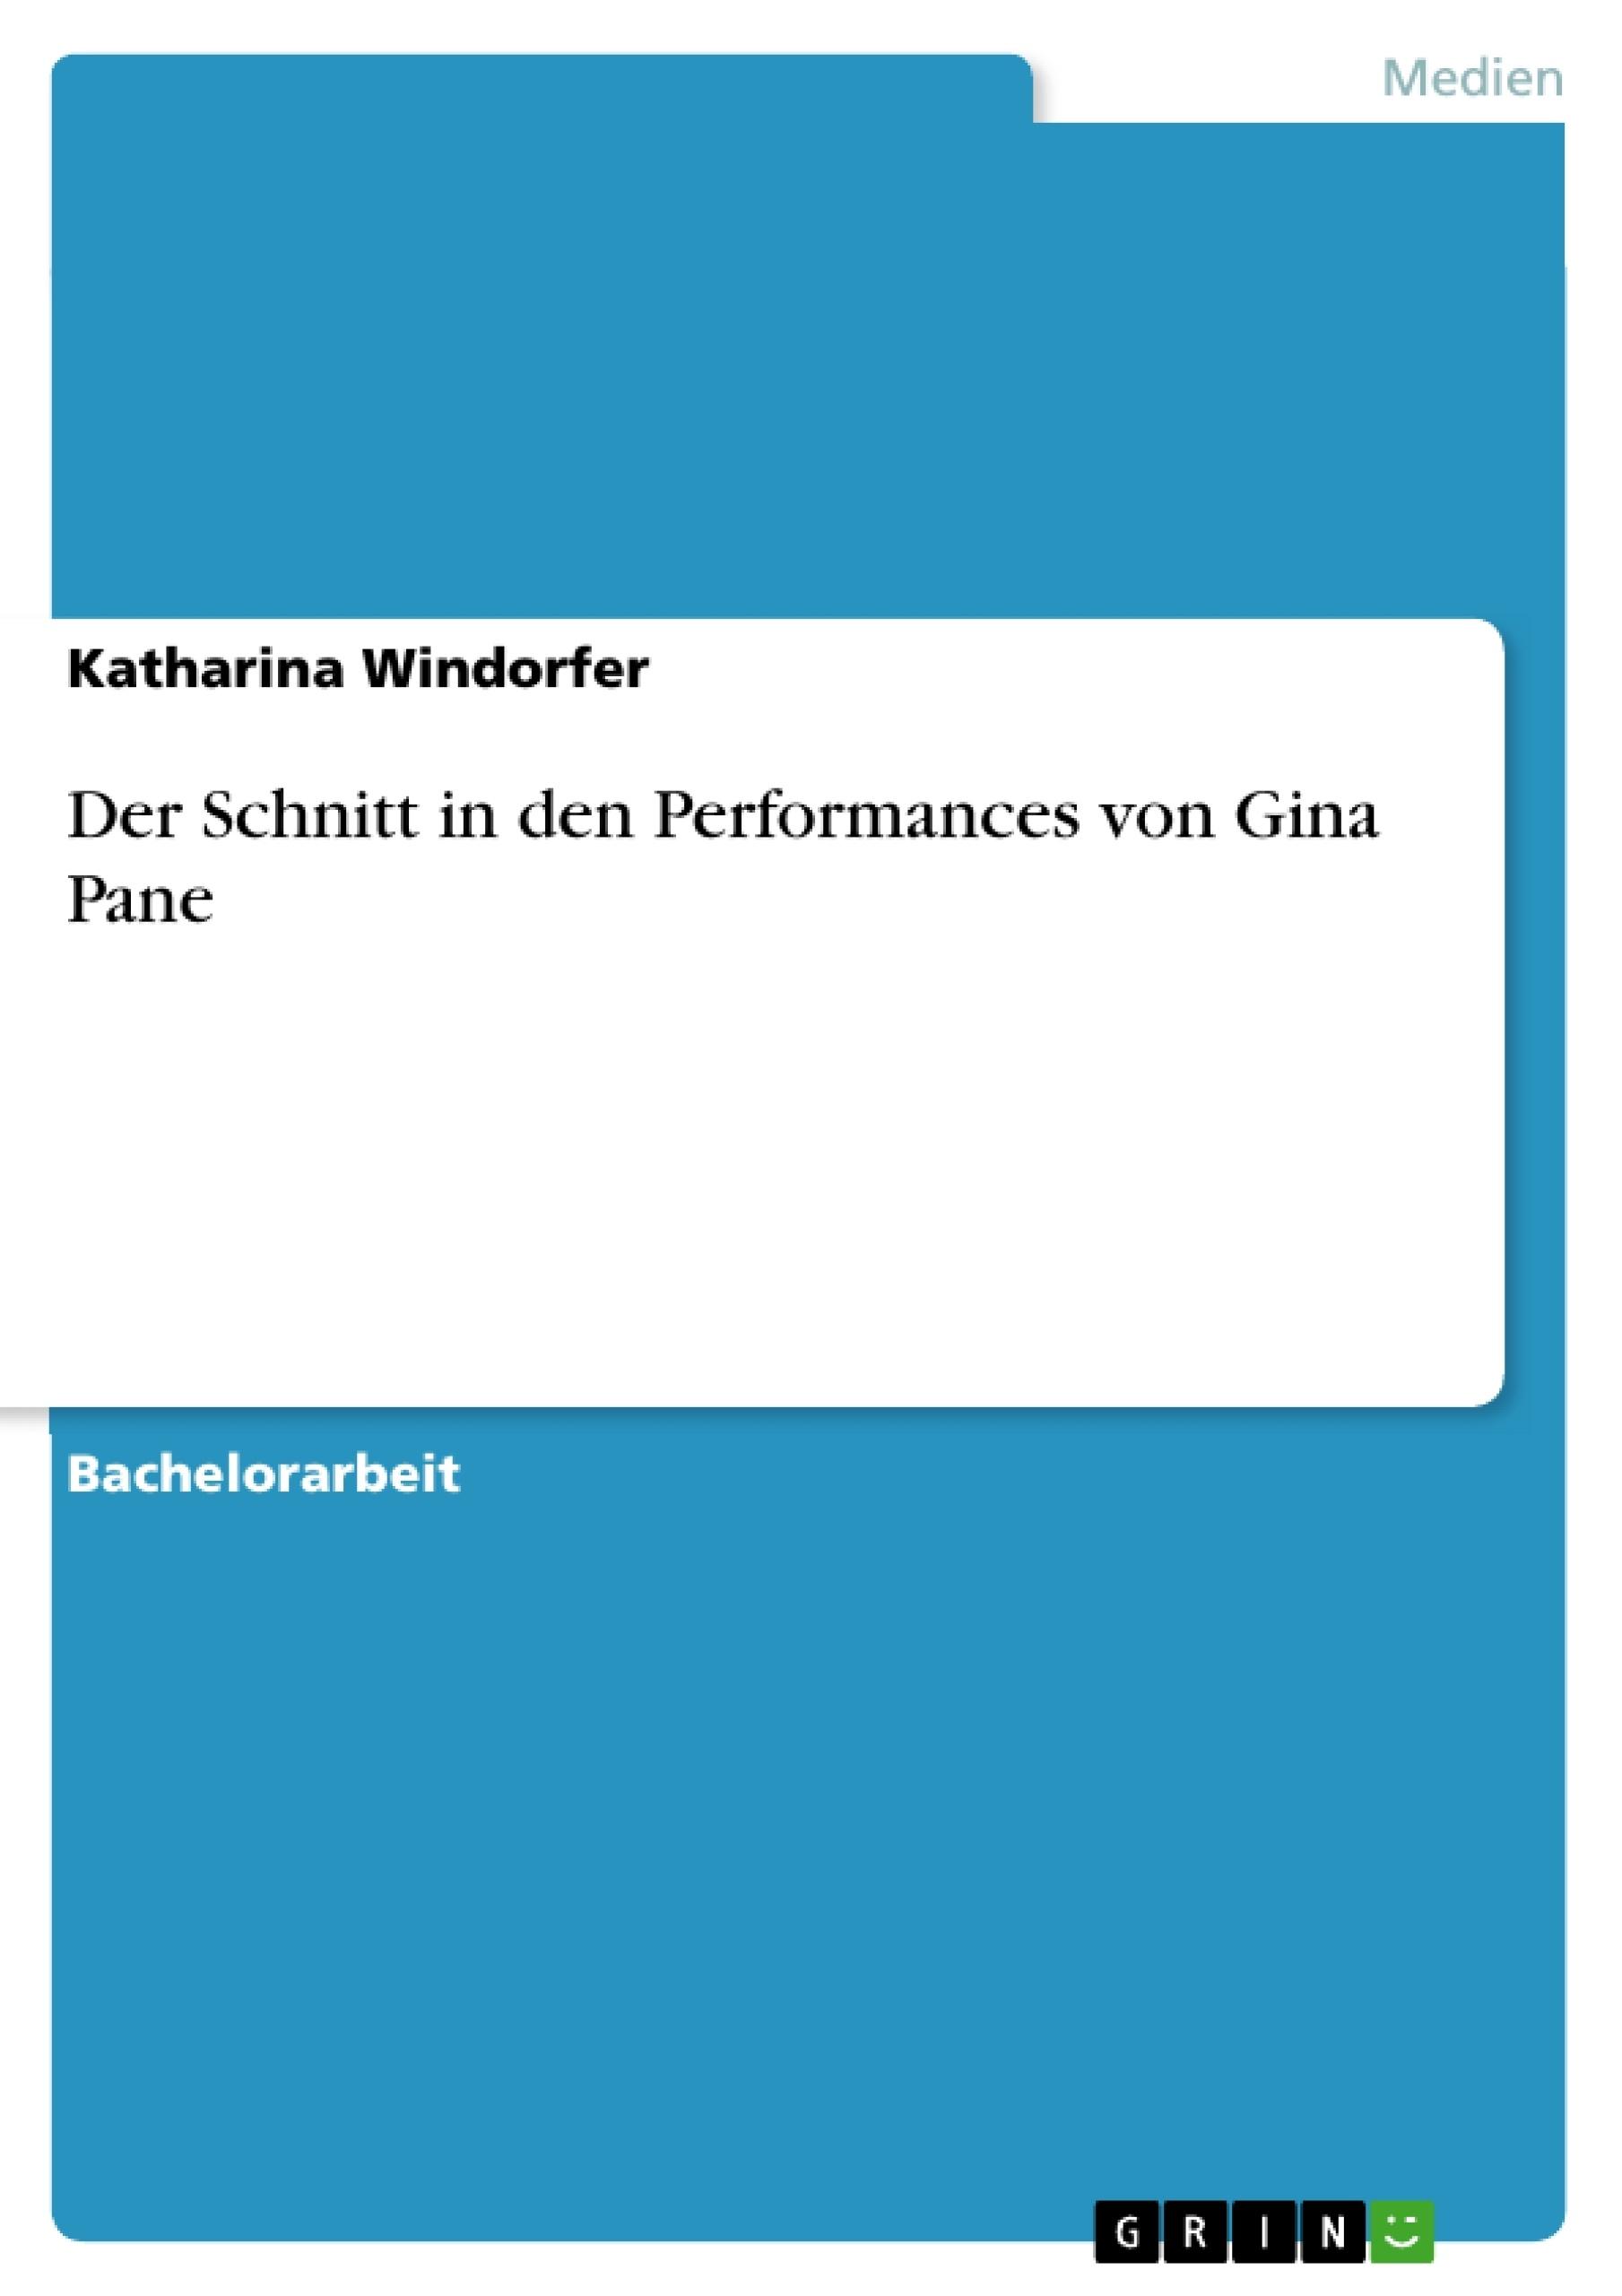 Titel: Der Schnitt in den Performances von Gina Pane